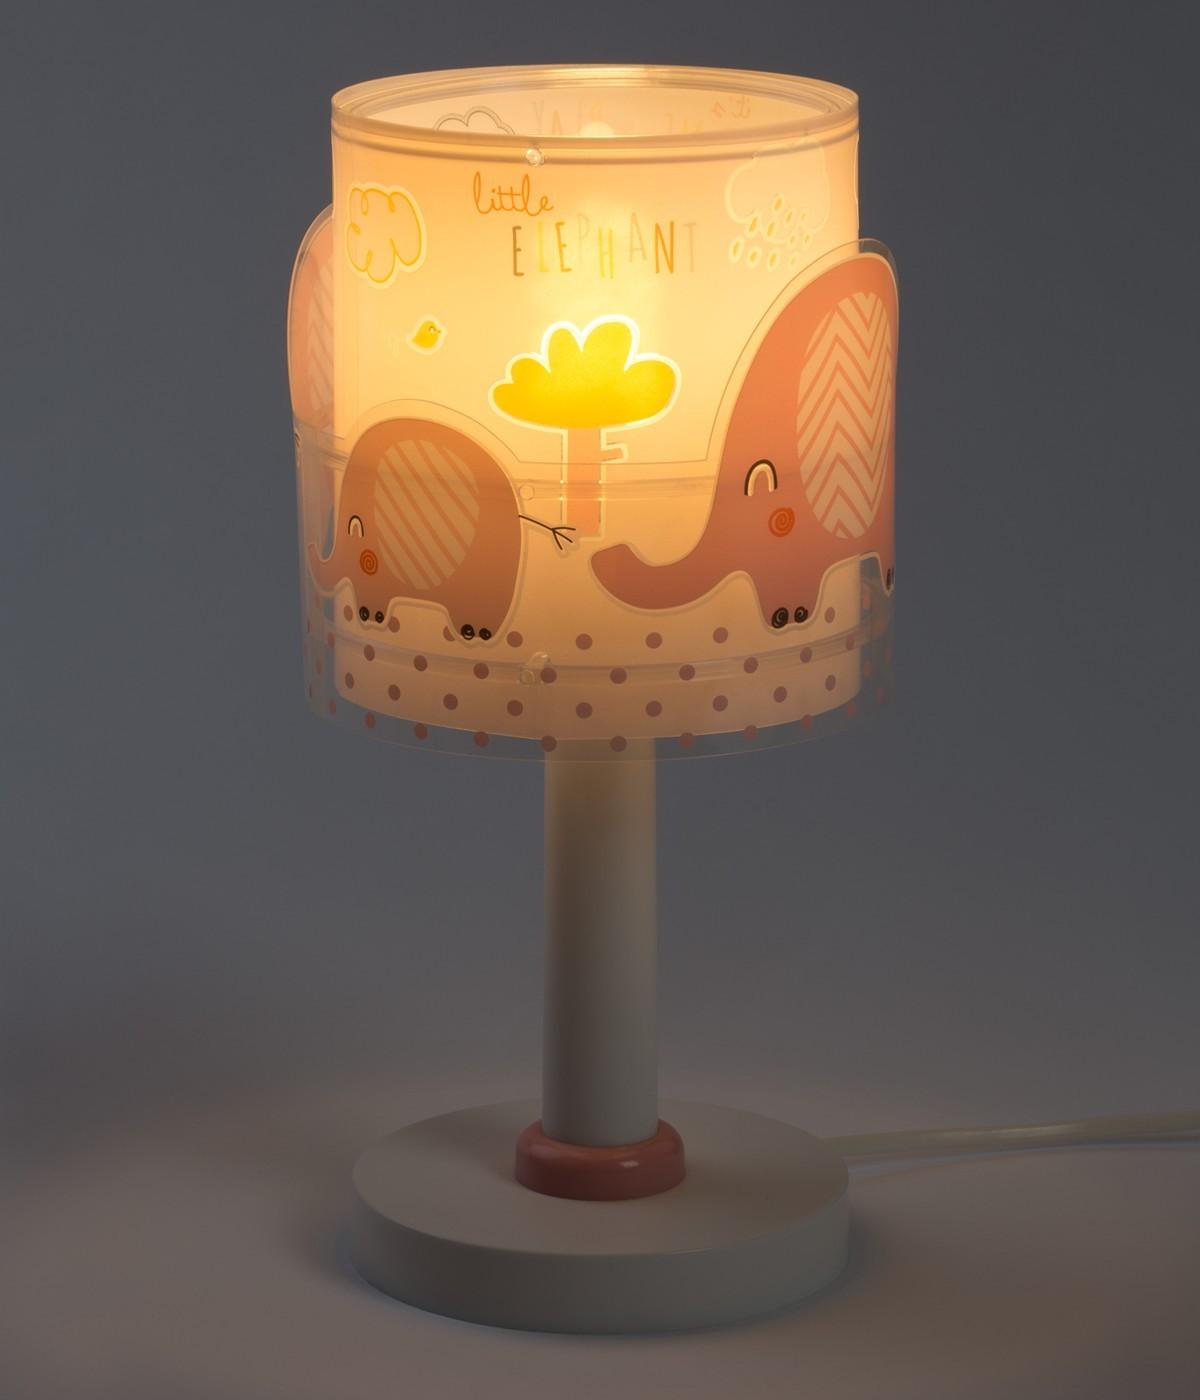 Lampe de chevet pour enfants Little Elephant rose